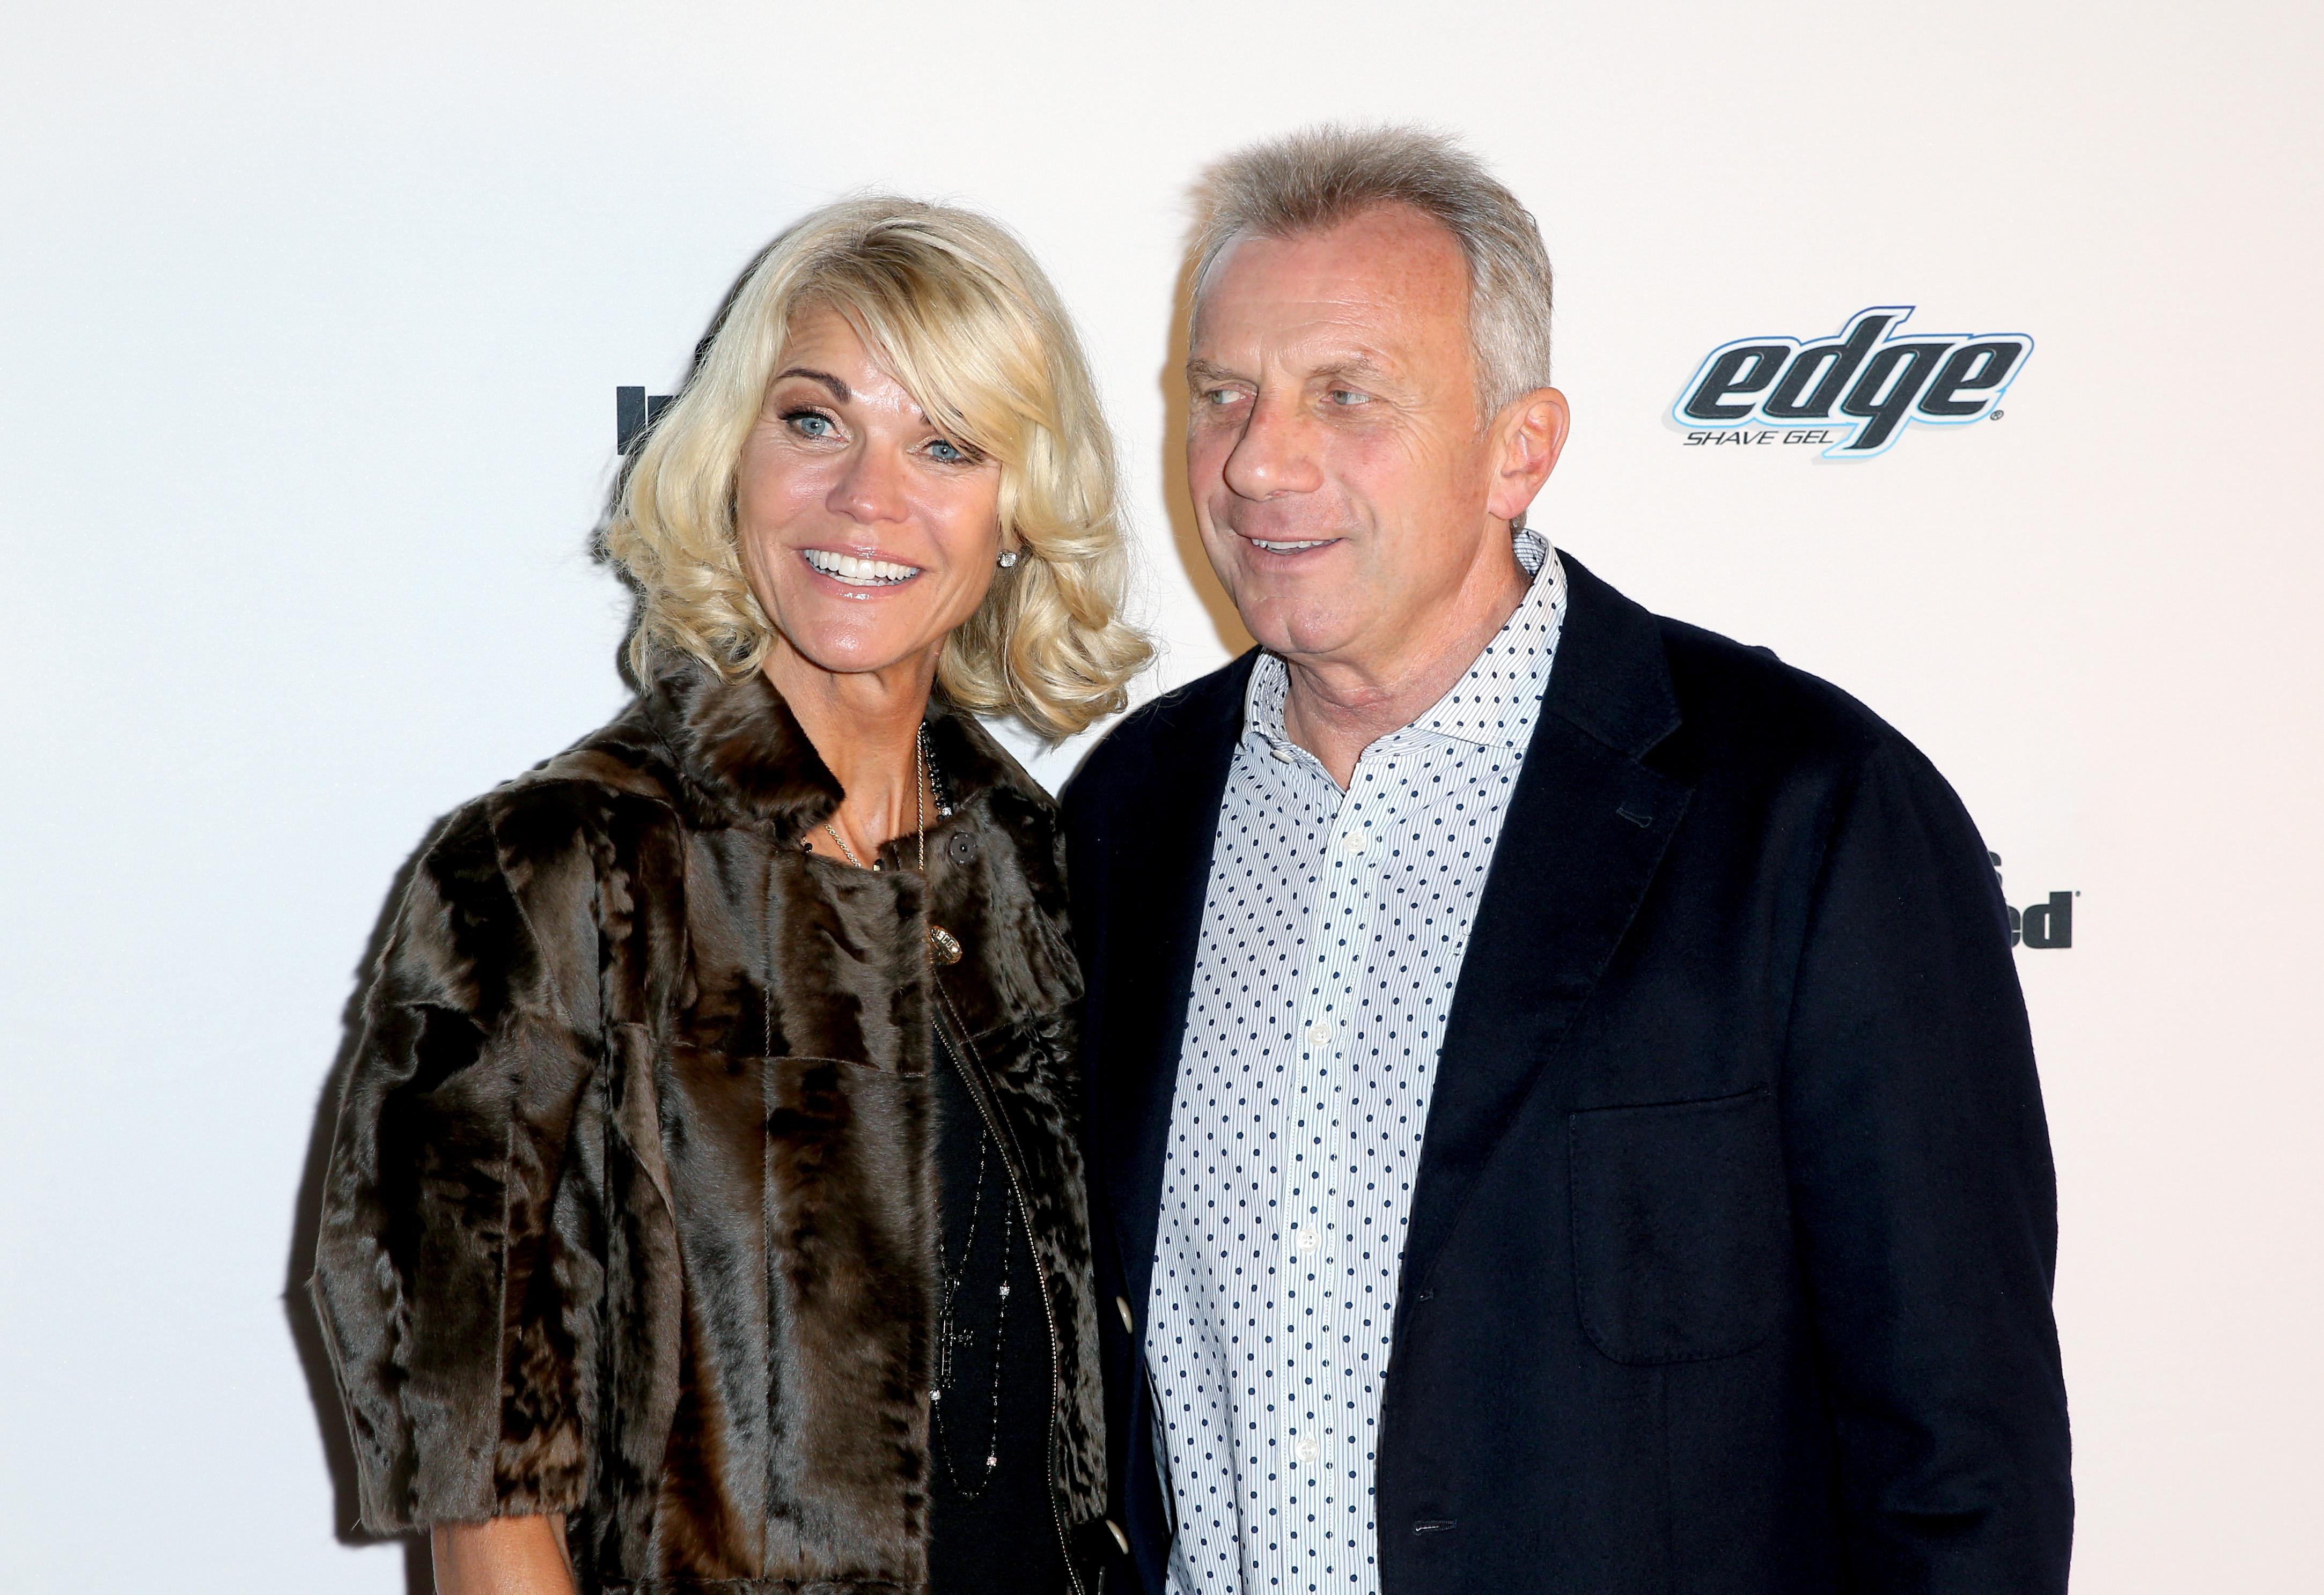 Joe Montana with his wife, Jennifer Montana. (Getty)